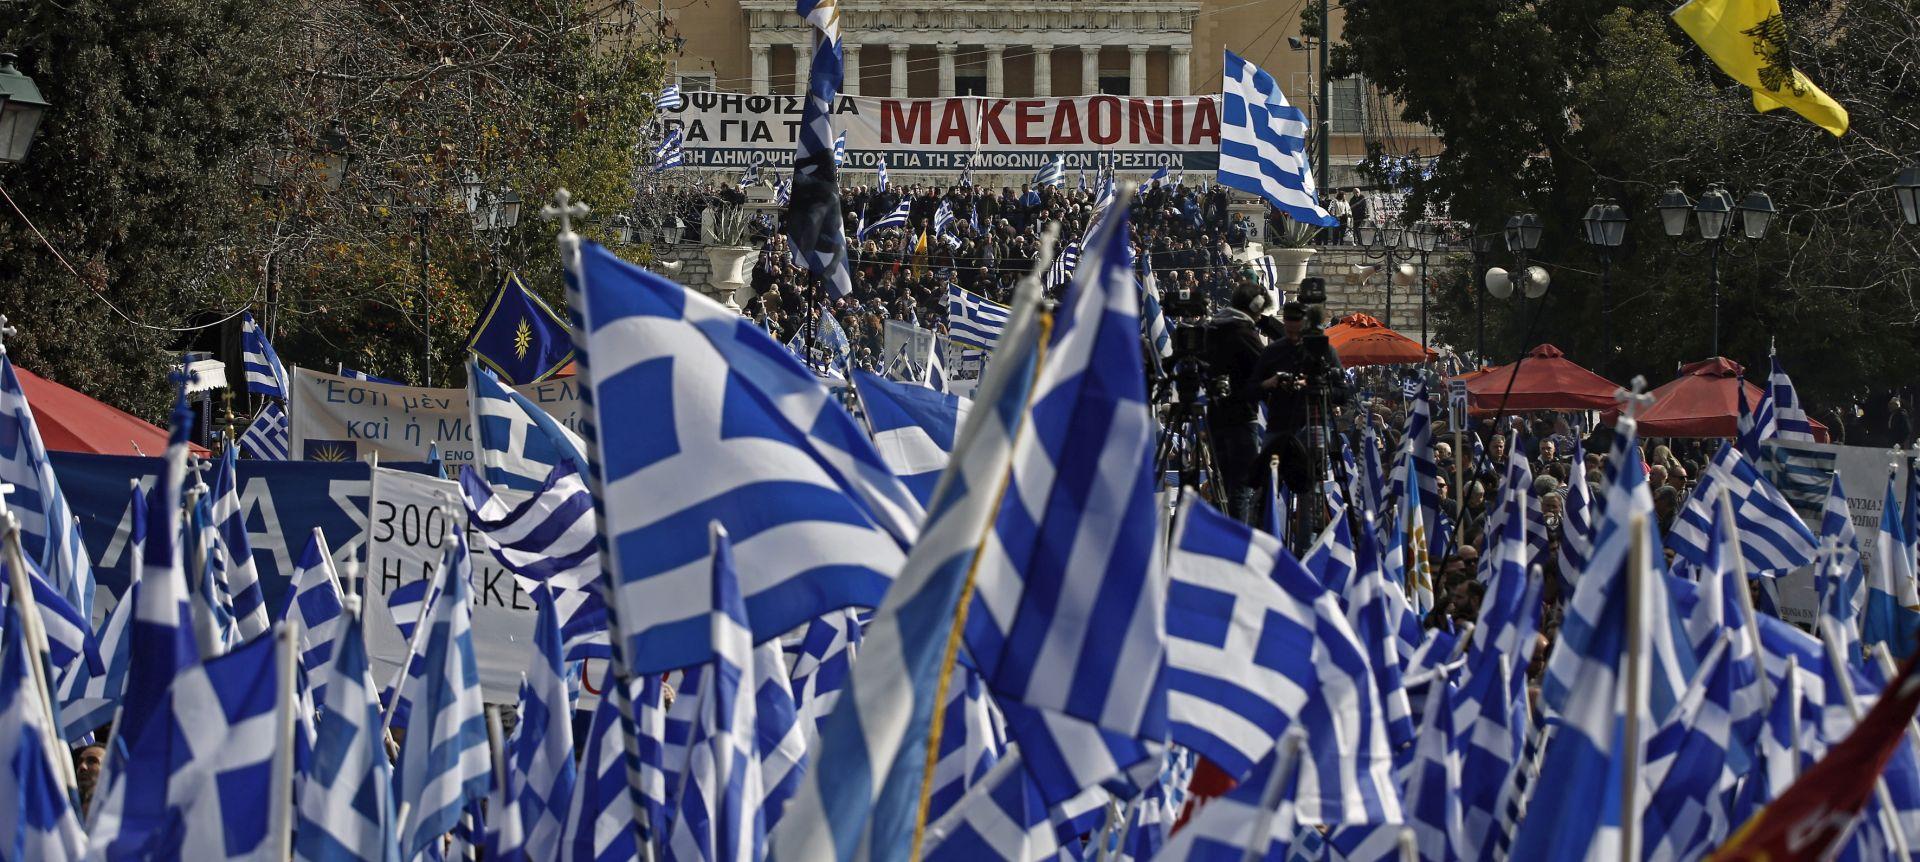 Grčki parlament započeo raspravu o imenu Sjeverna Makedonija